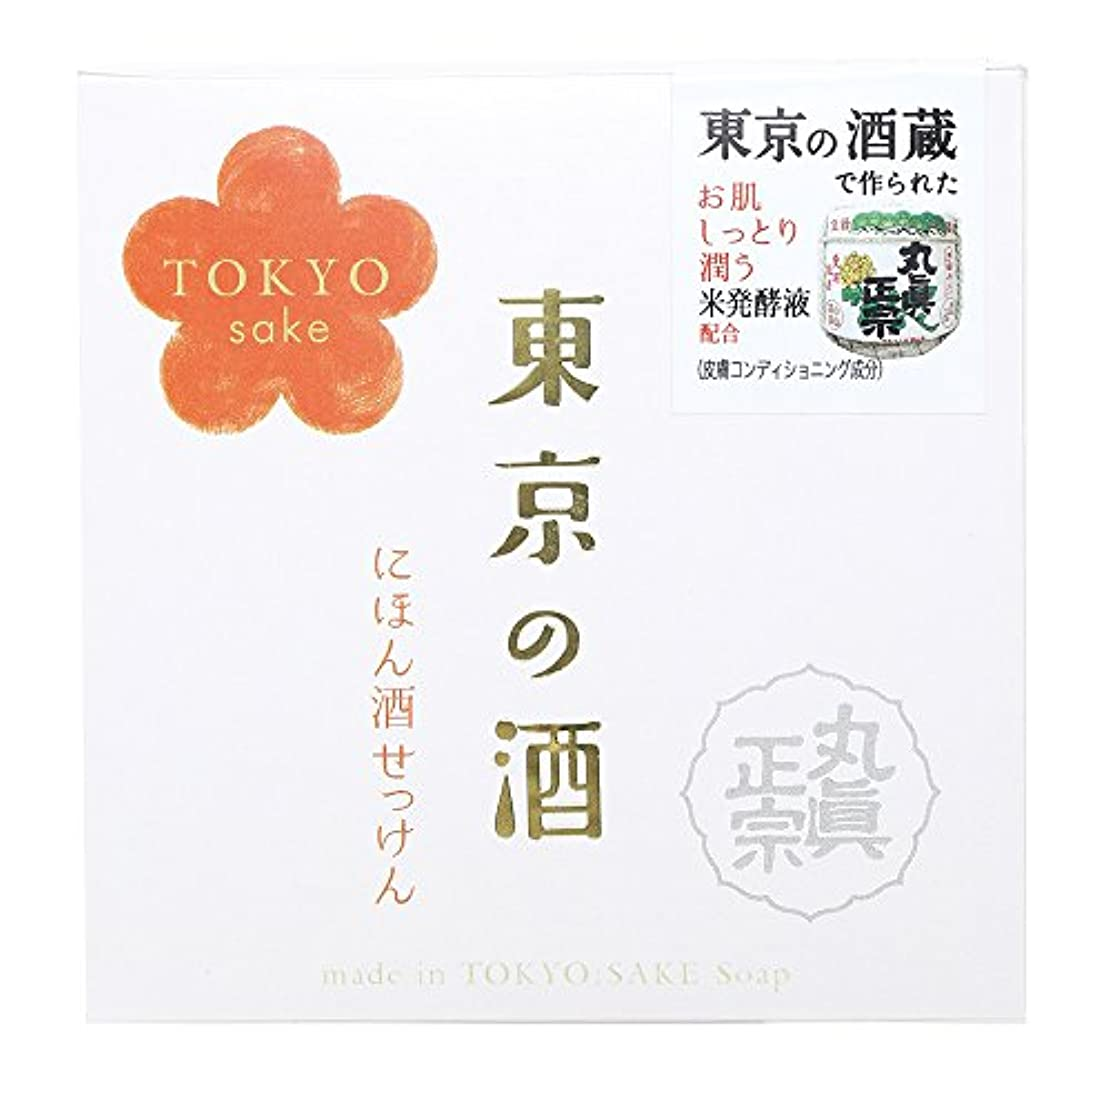 分知り合い虐待ノルコーポレーション 東京の酒 石けん OB-TKY-1-1 100g